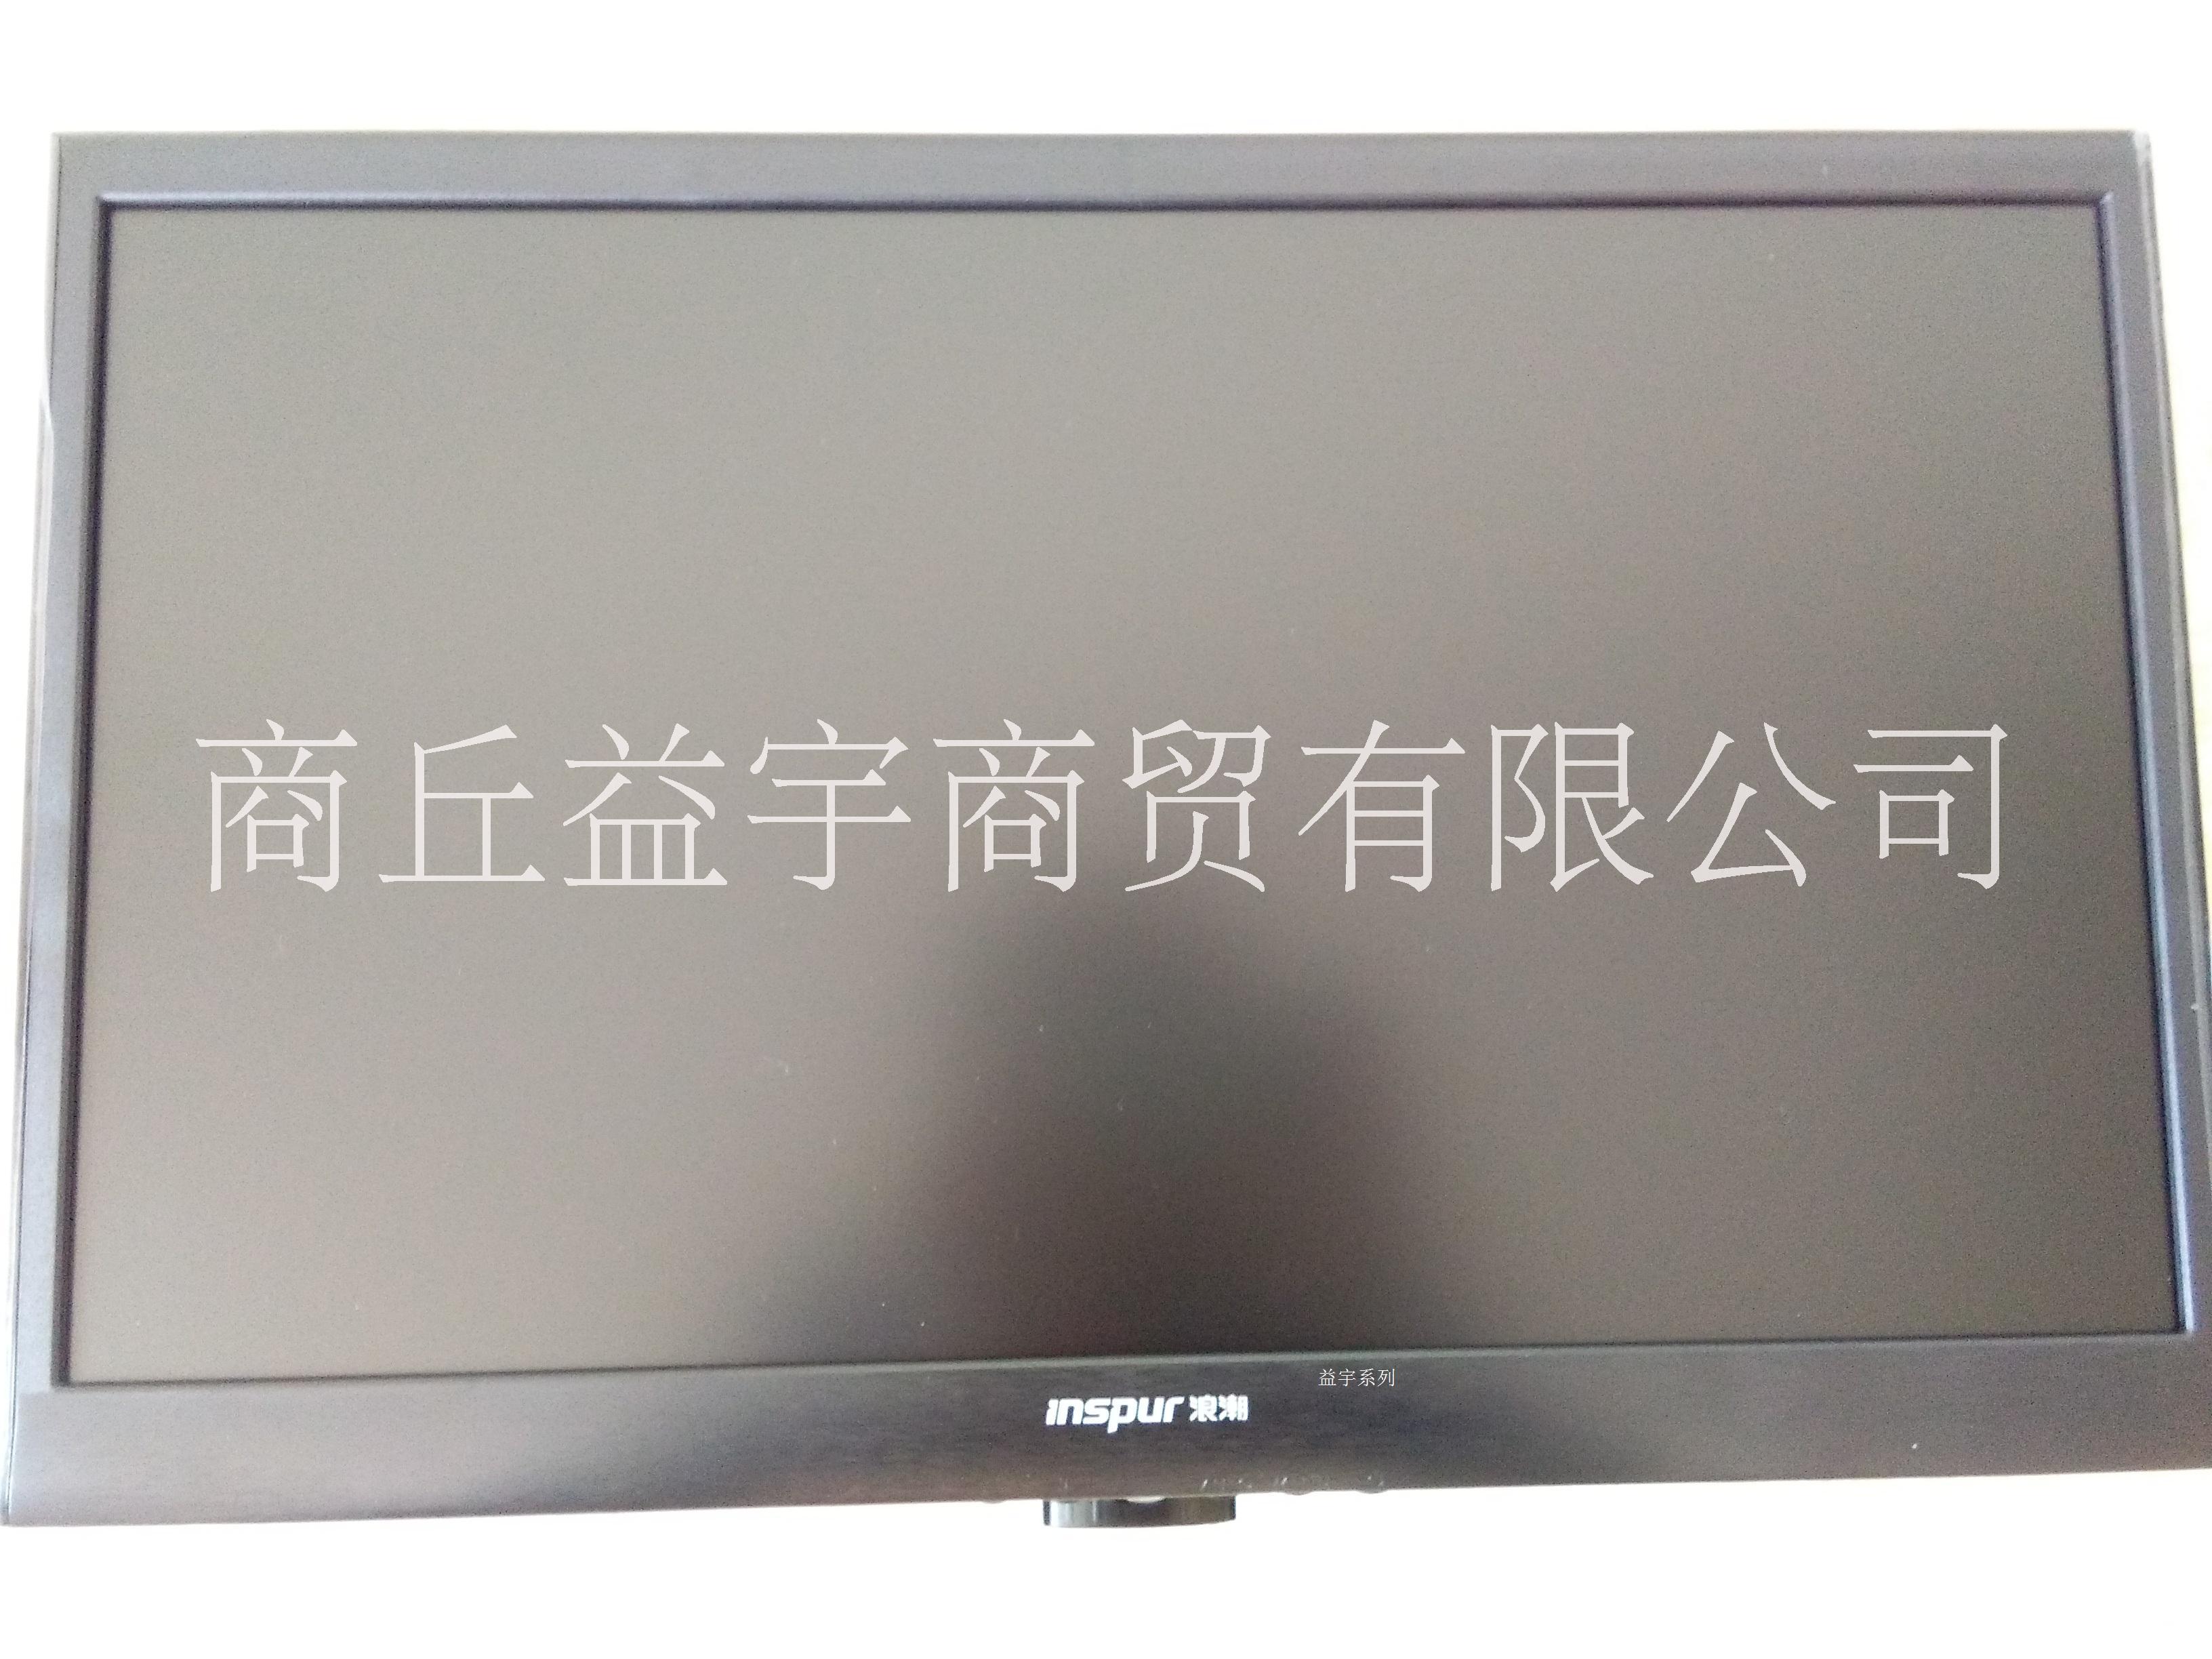 浪潮显示器21.5寸液晶显示器19.5寸服务器专用全国联保